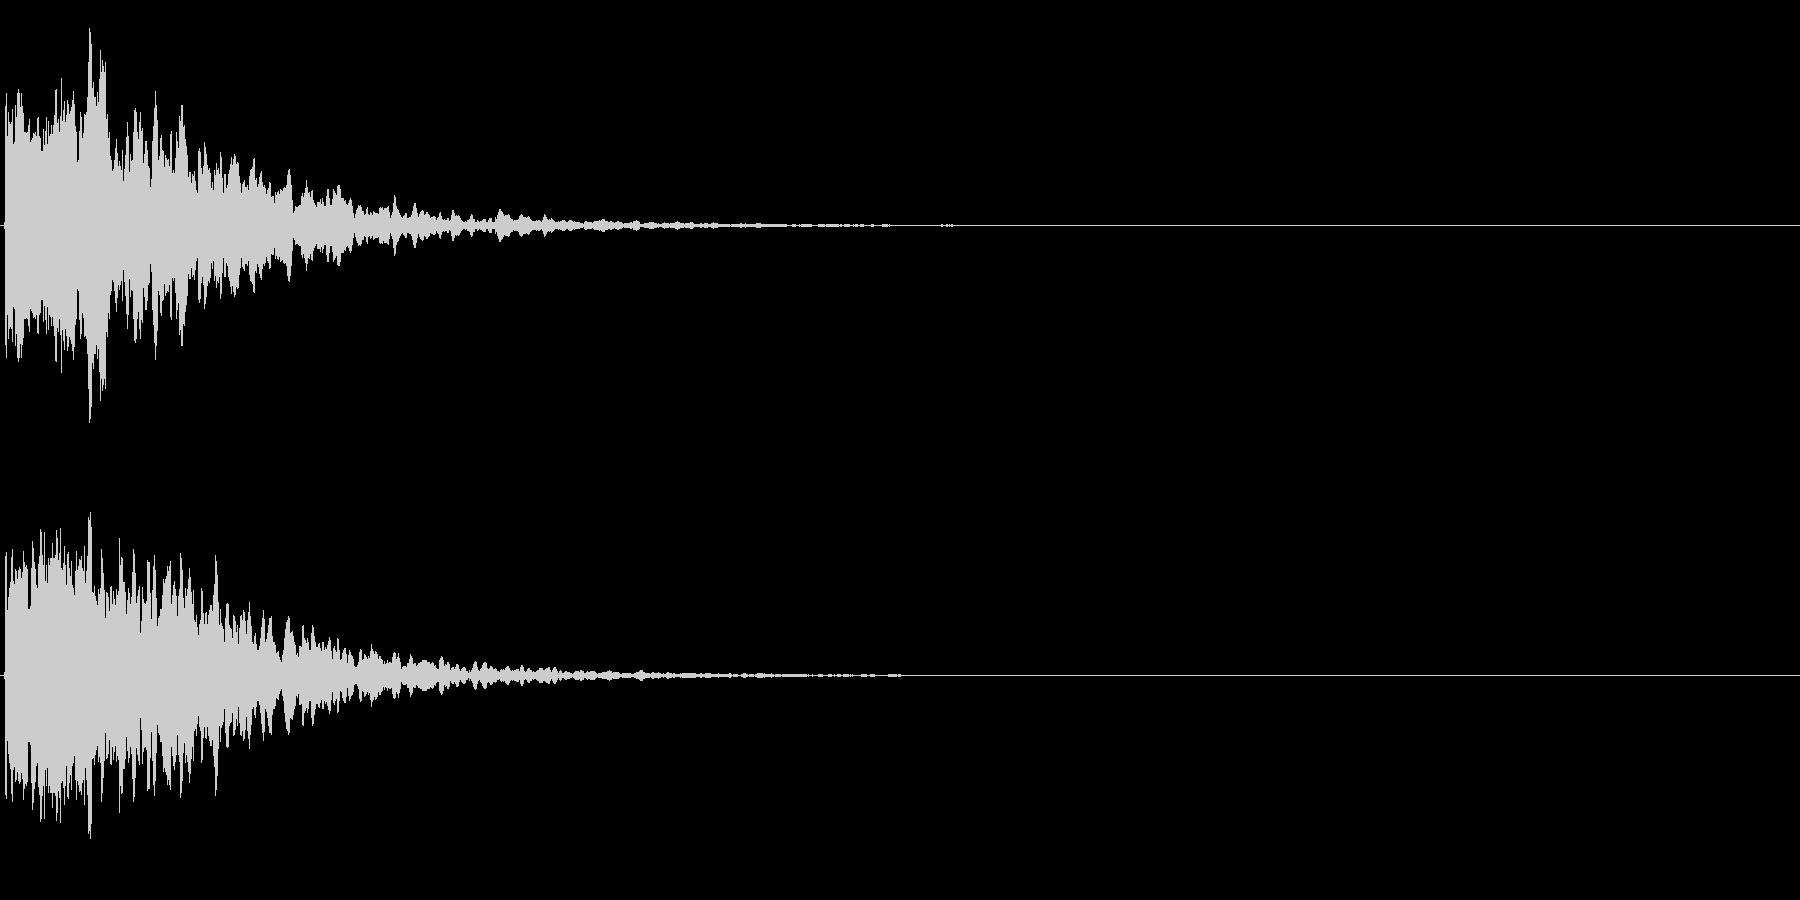 ゲームスタート、決定、ボタン音-011の未再生の波形